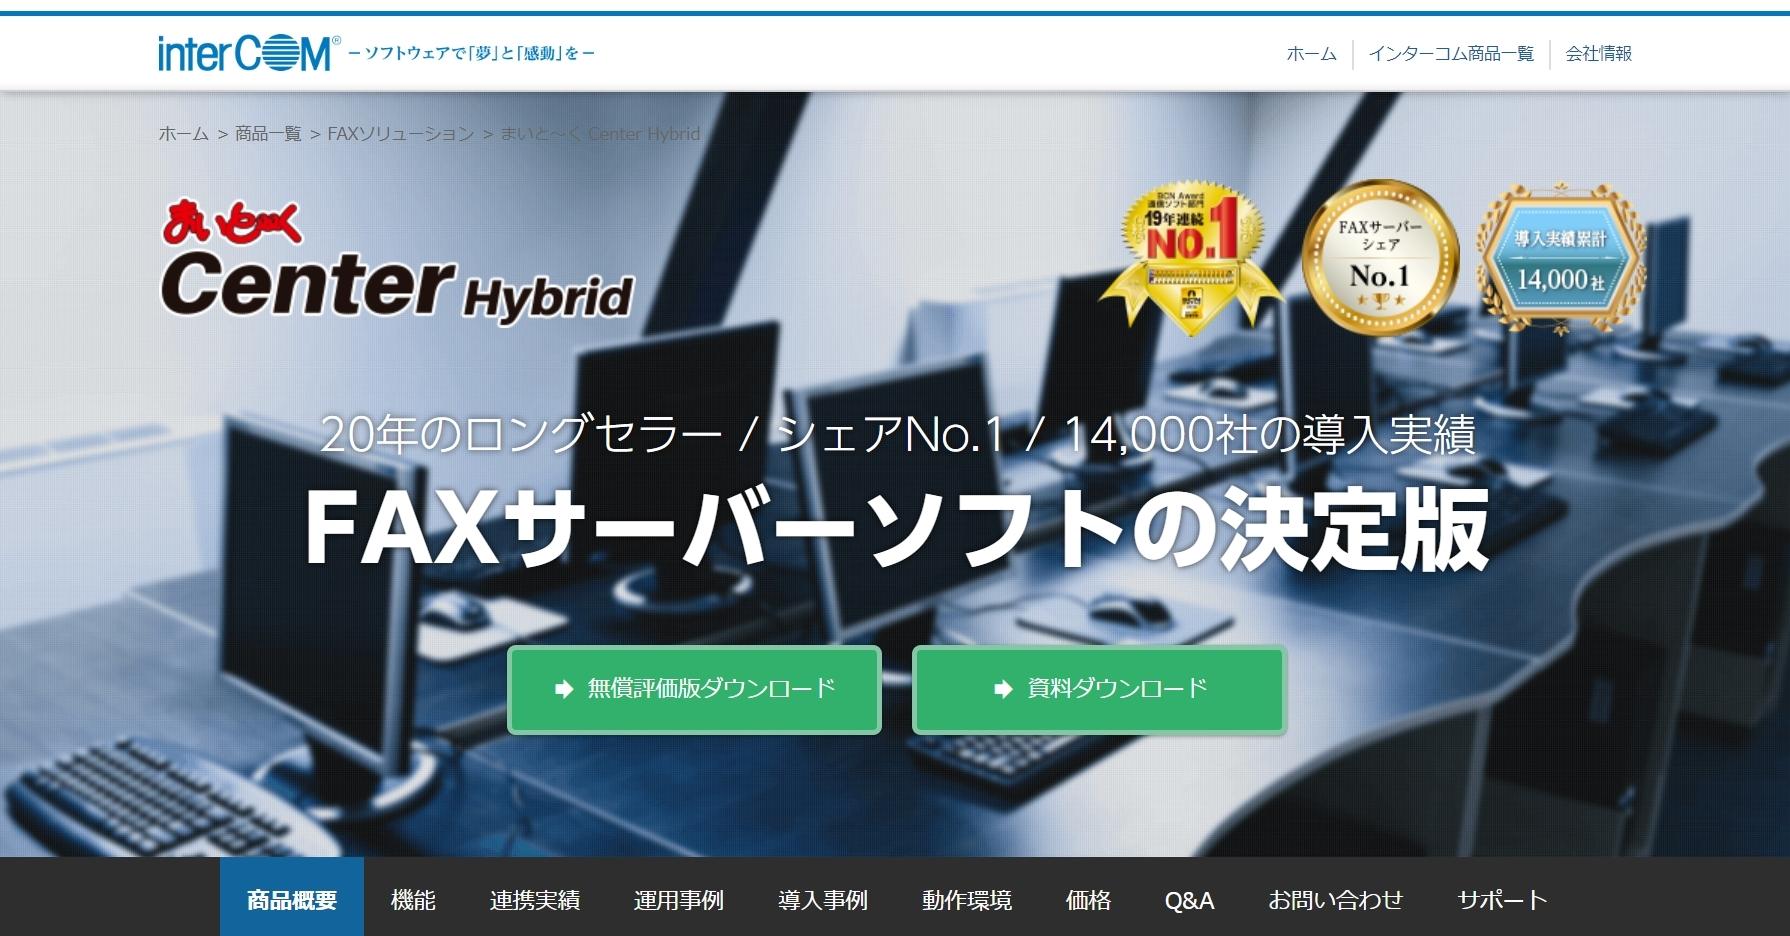 まいと~く Center Hybrid